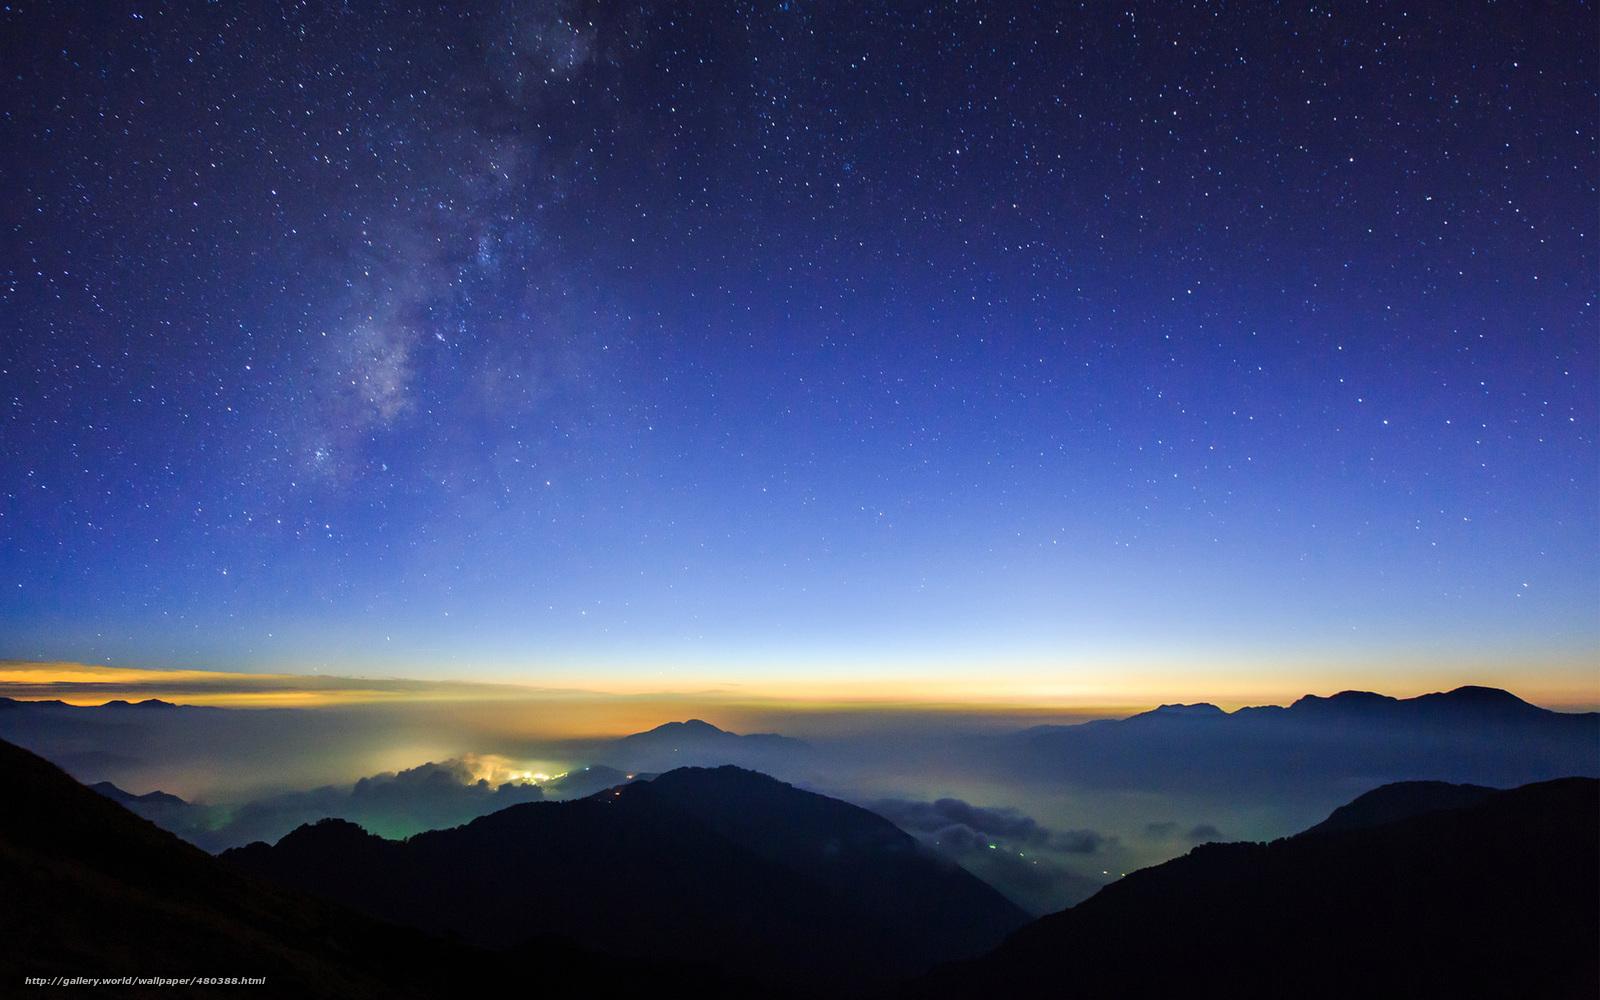 Scaricare Gli Sfondi Notte Vista Stella Cielo Stellato Sfondi